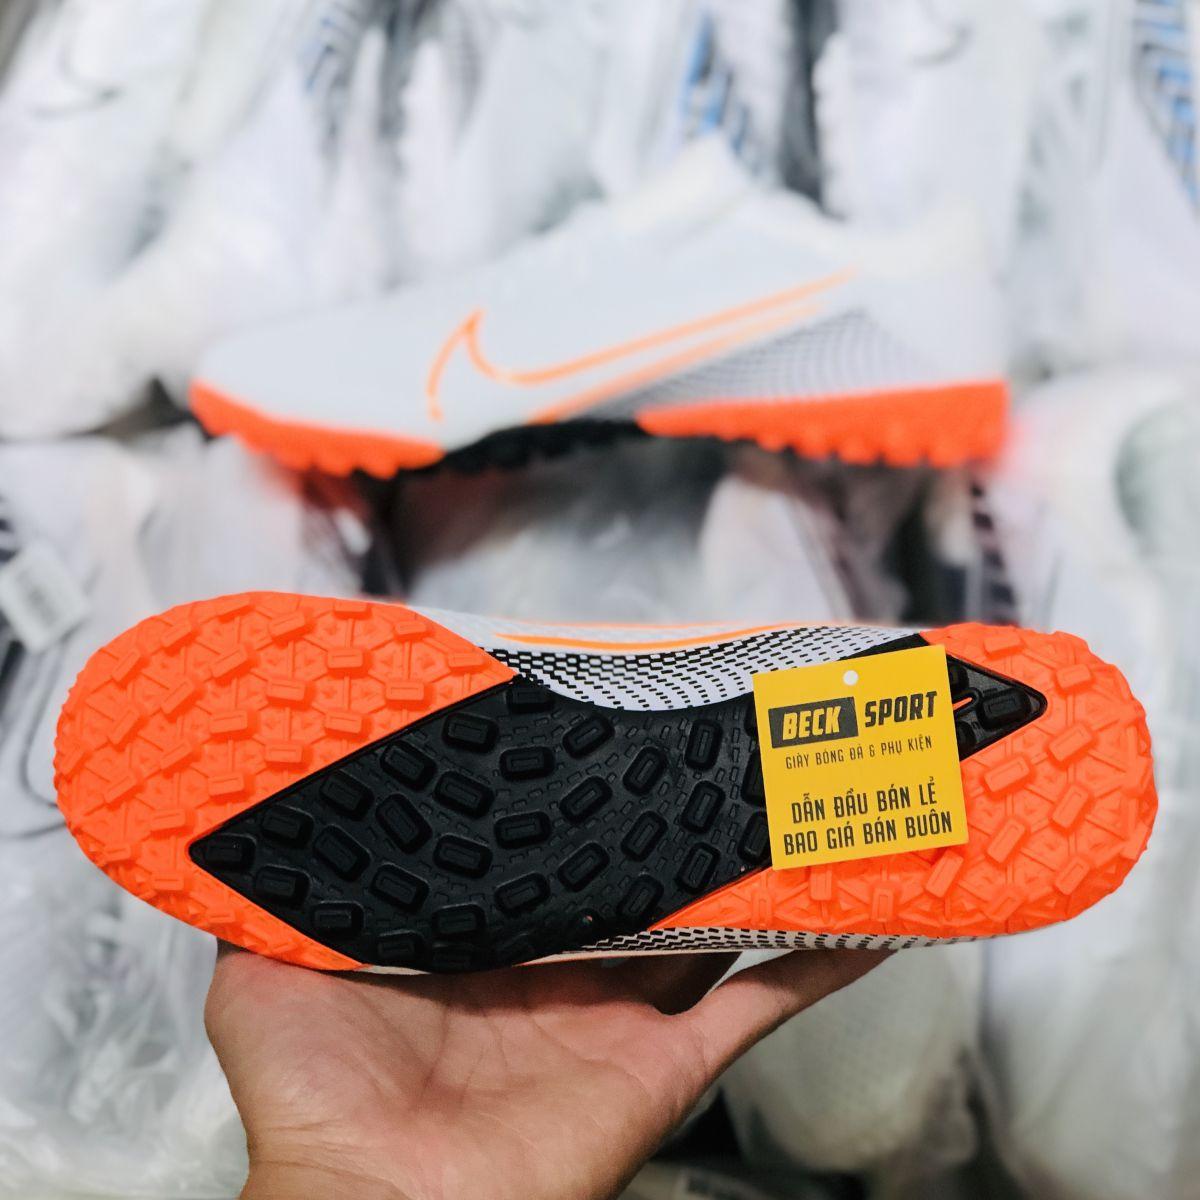 Giày Bóng Đá Nike Mercurial Vapor 13 Pro Trắng Đen Vạch Cam Cổ Lửng HQ TF